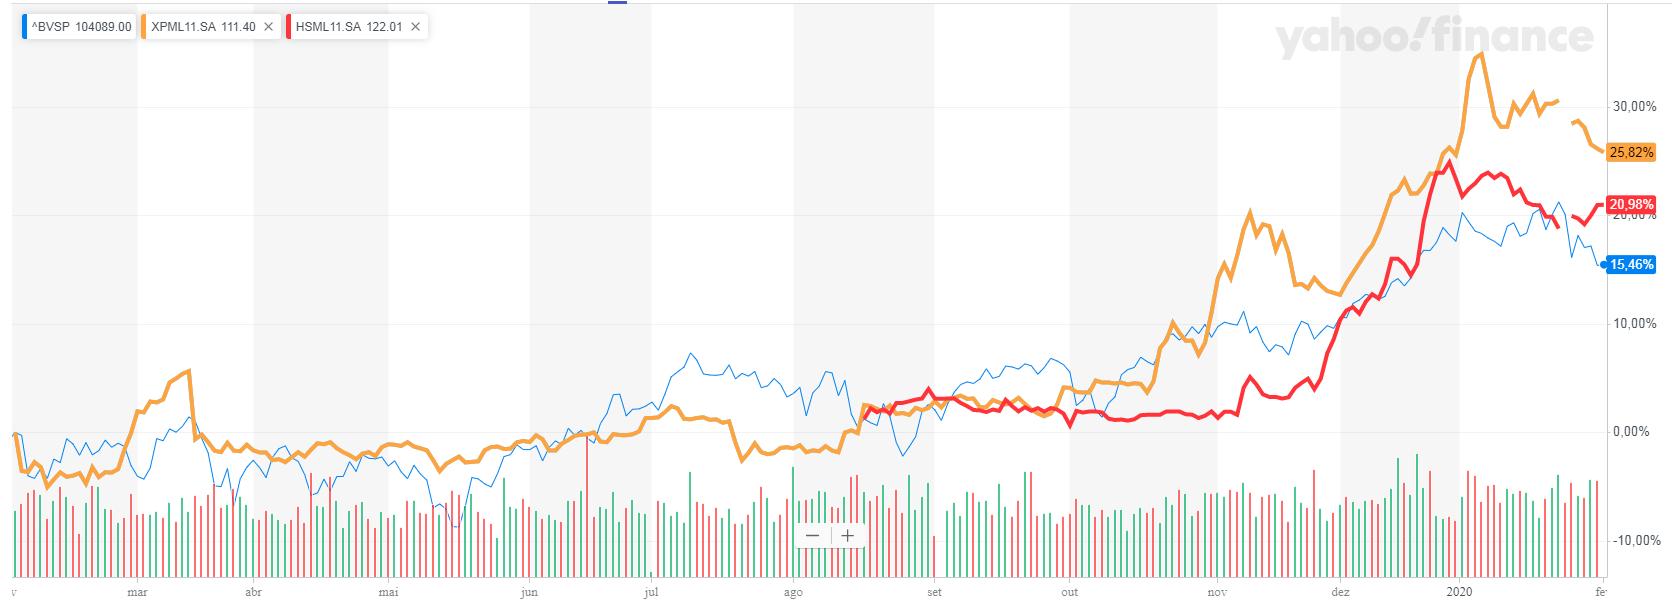 Gráfico mostra a evolução dos Fundos imobiliários XPML11 e HSML11 nos últimos 12 meses.